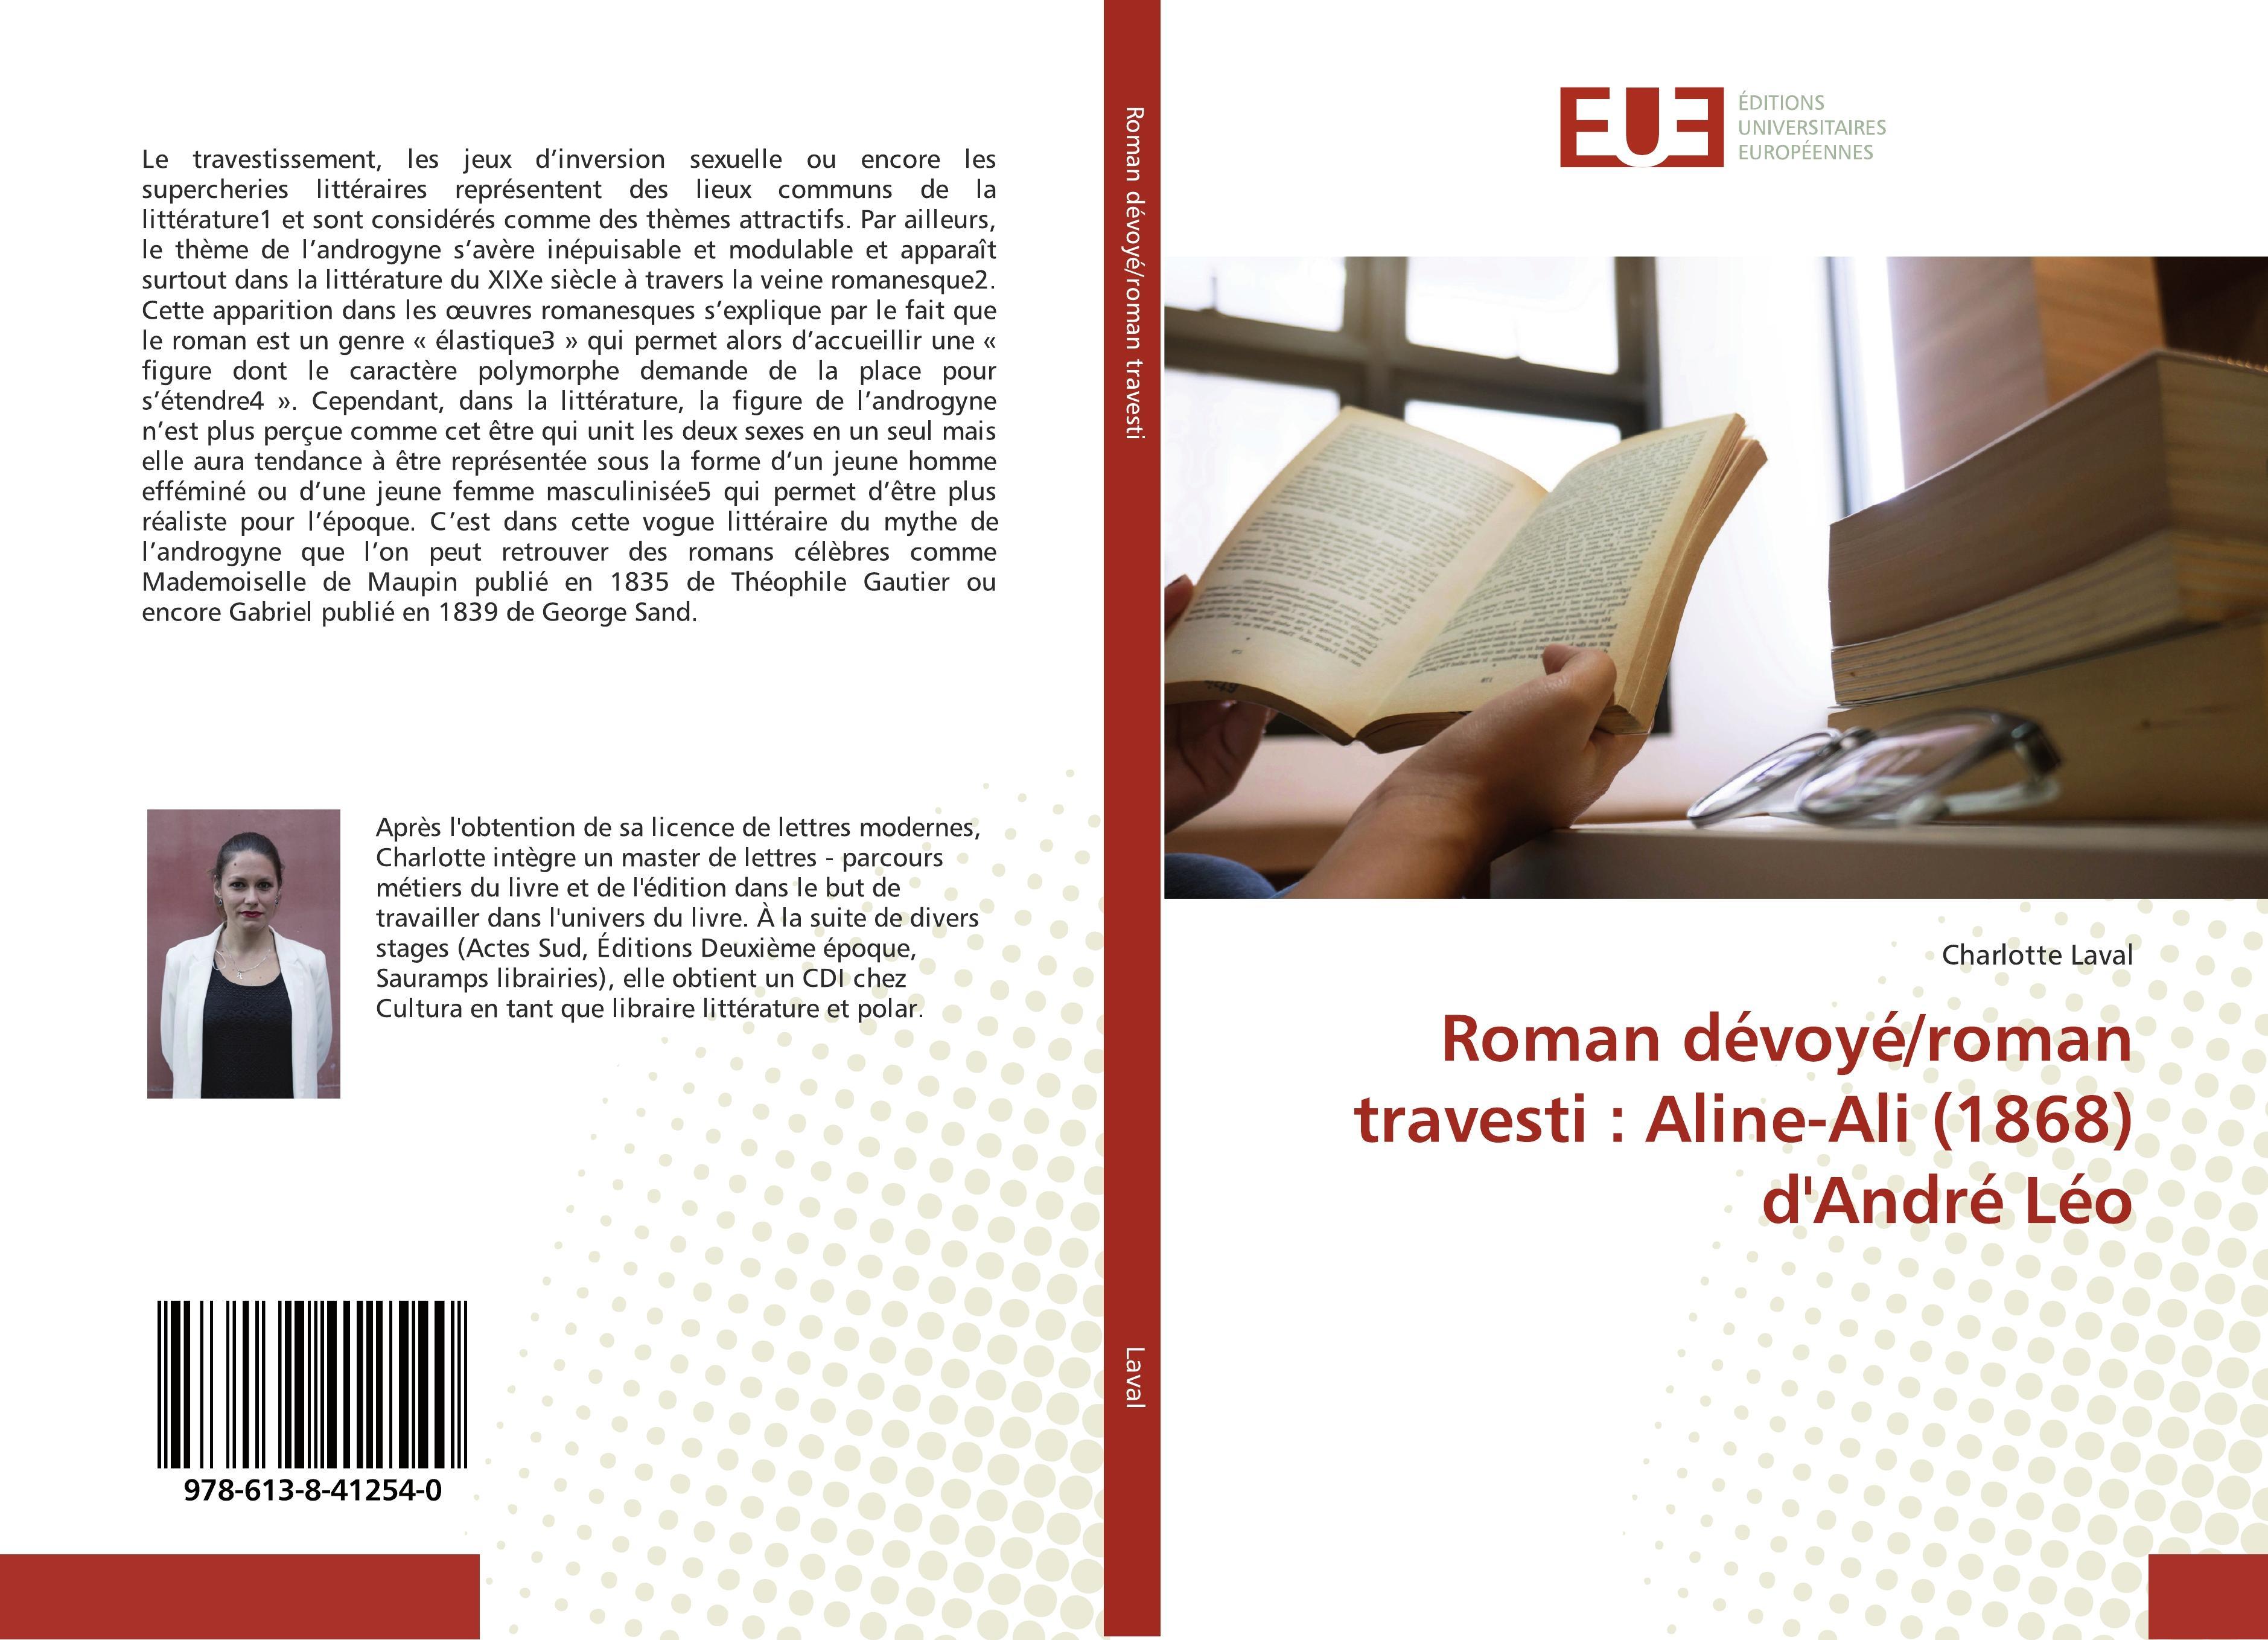 Roman dévoyé/roman travesti: Aline-Ali (1868) d'André Léo  Charlotte Laval  Taschenbuch  Französisch  2018 - Laval, Charlotte